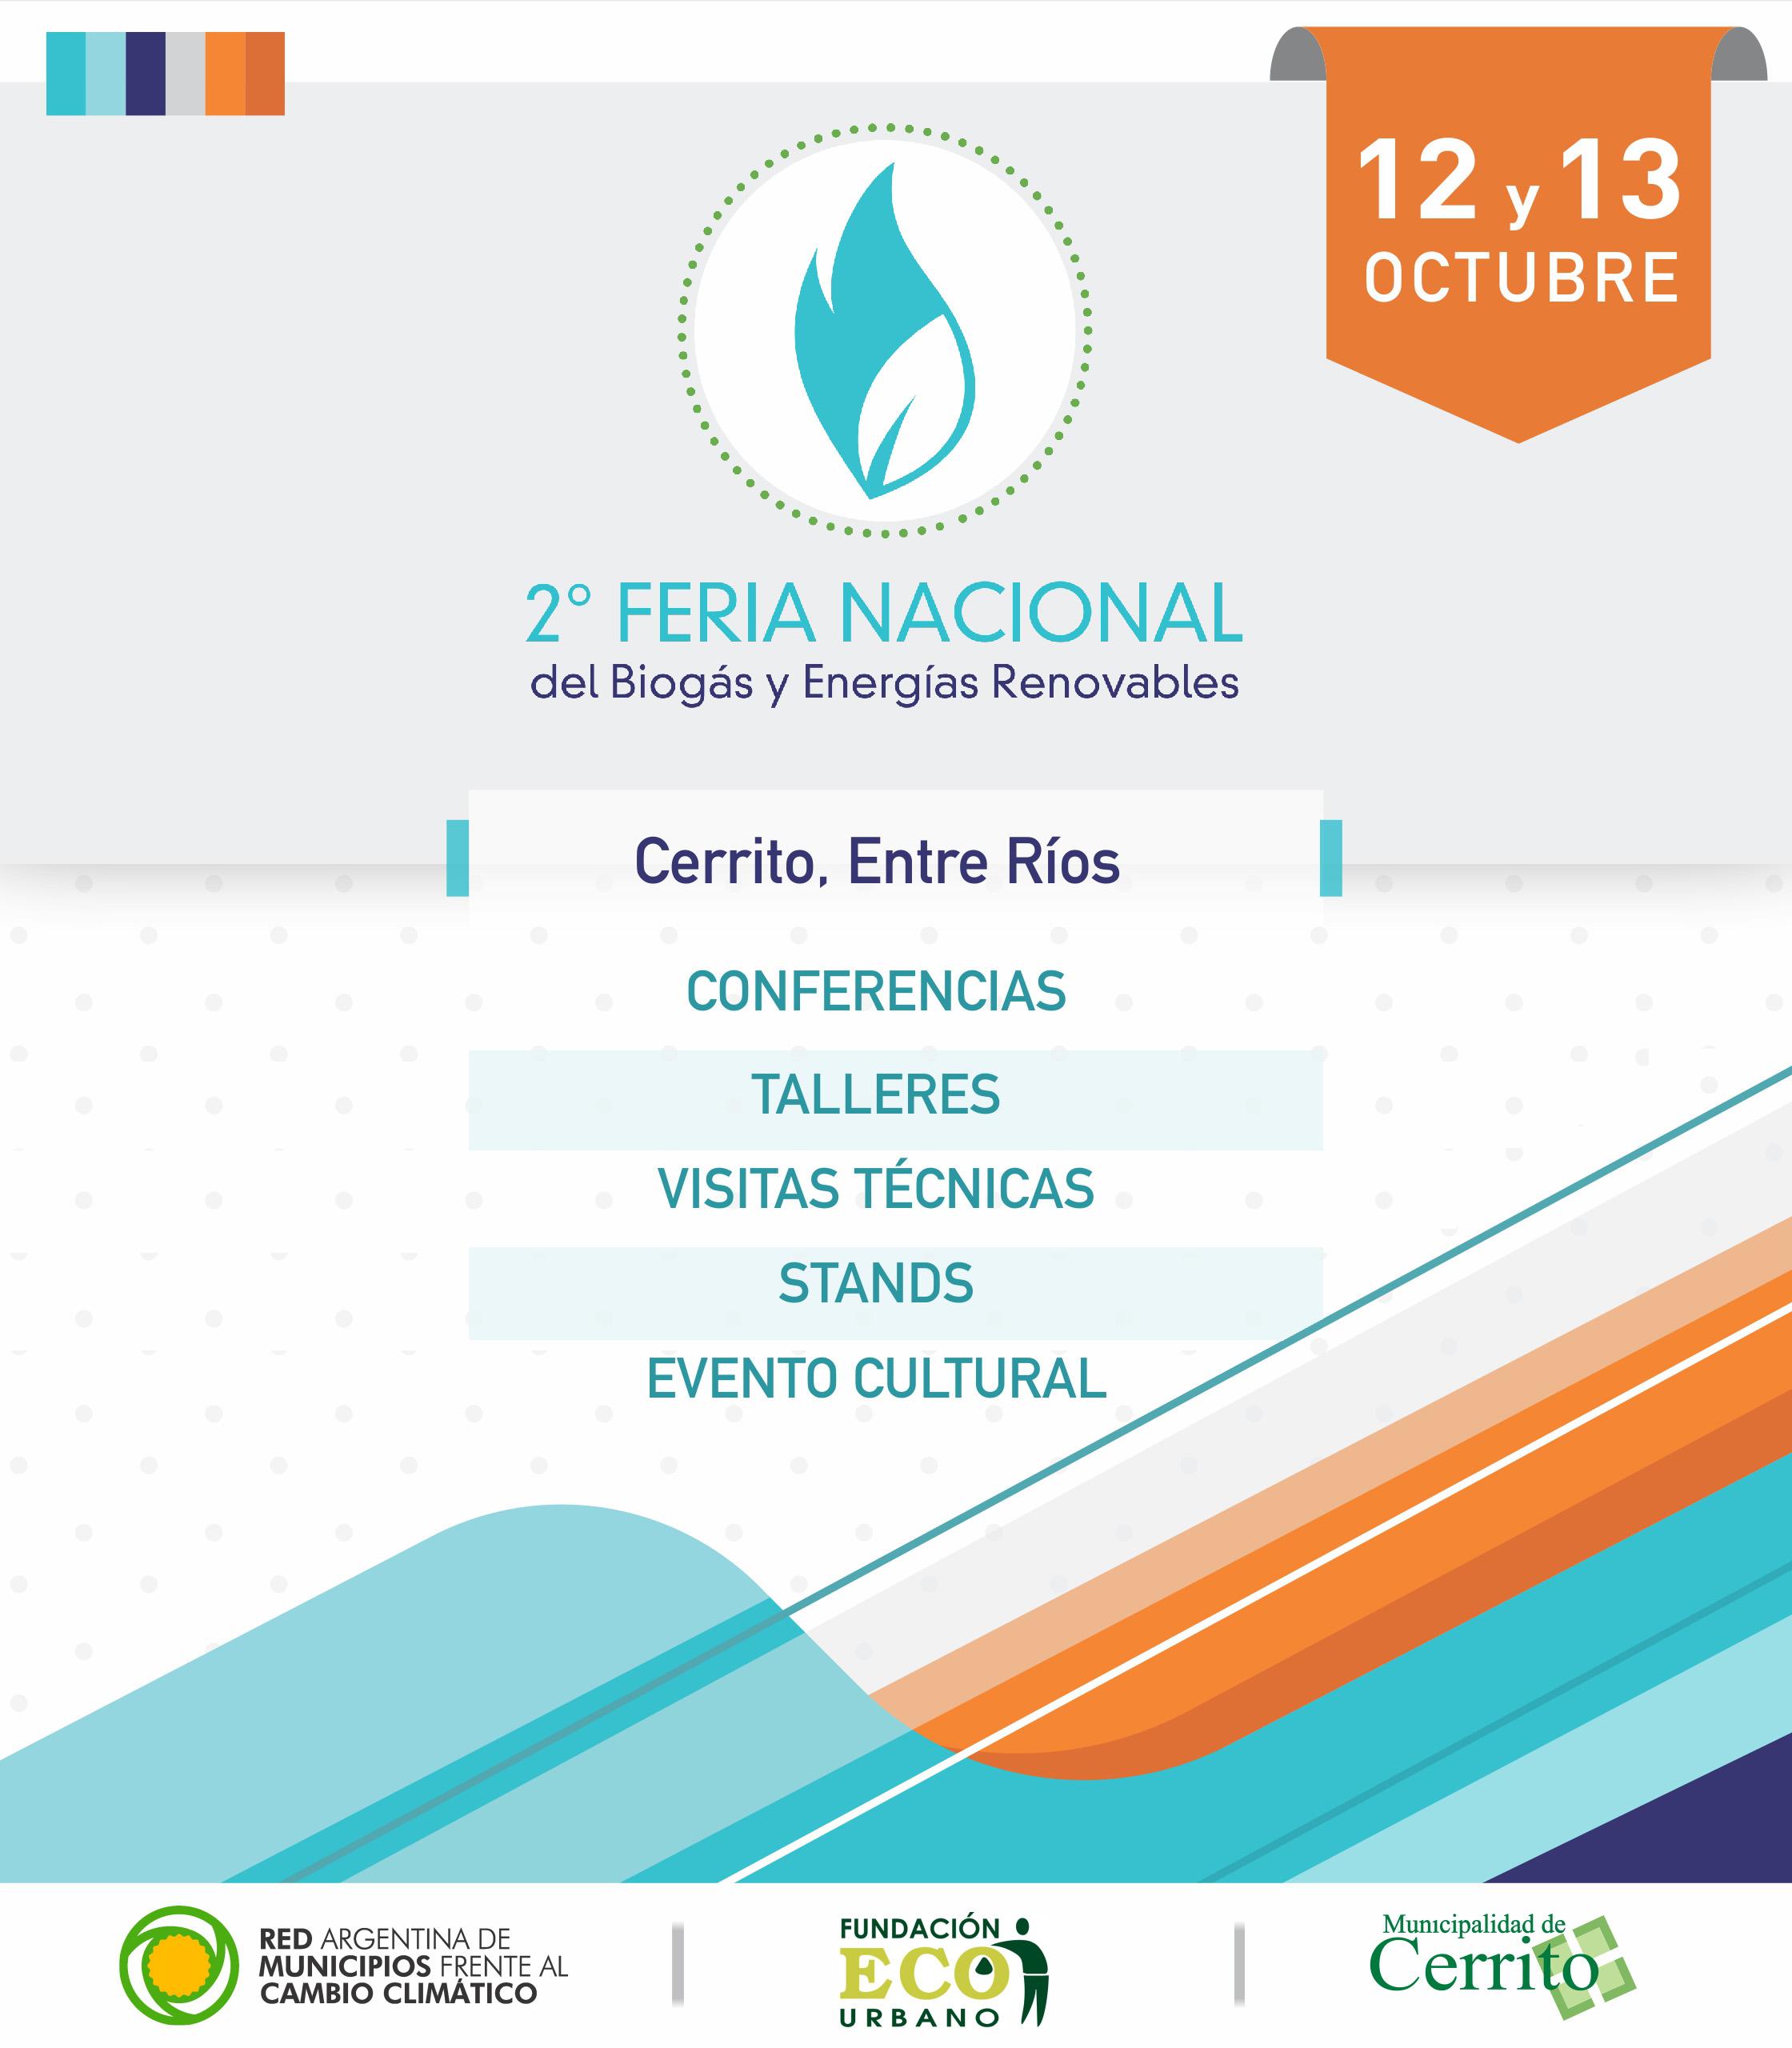 Feria Nacional del Biogas y Energias Renovables